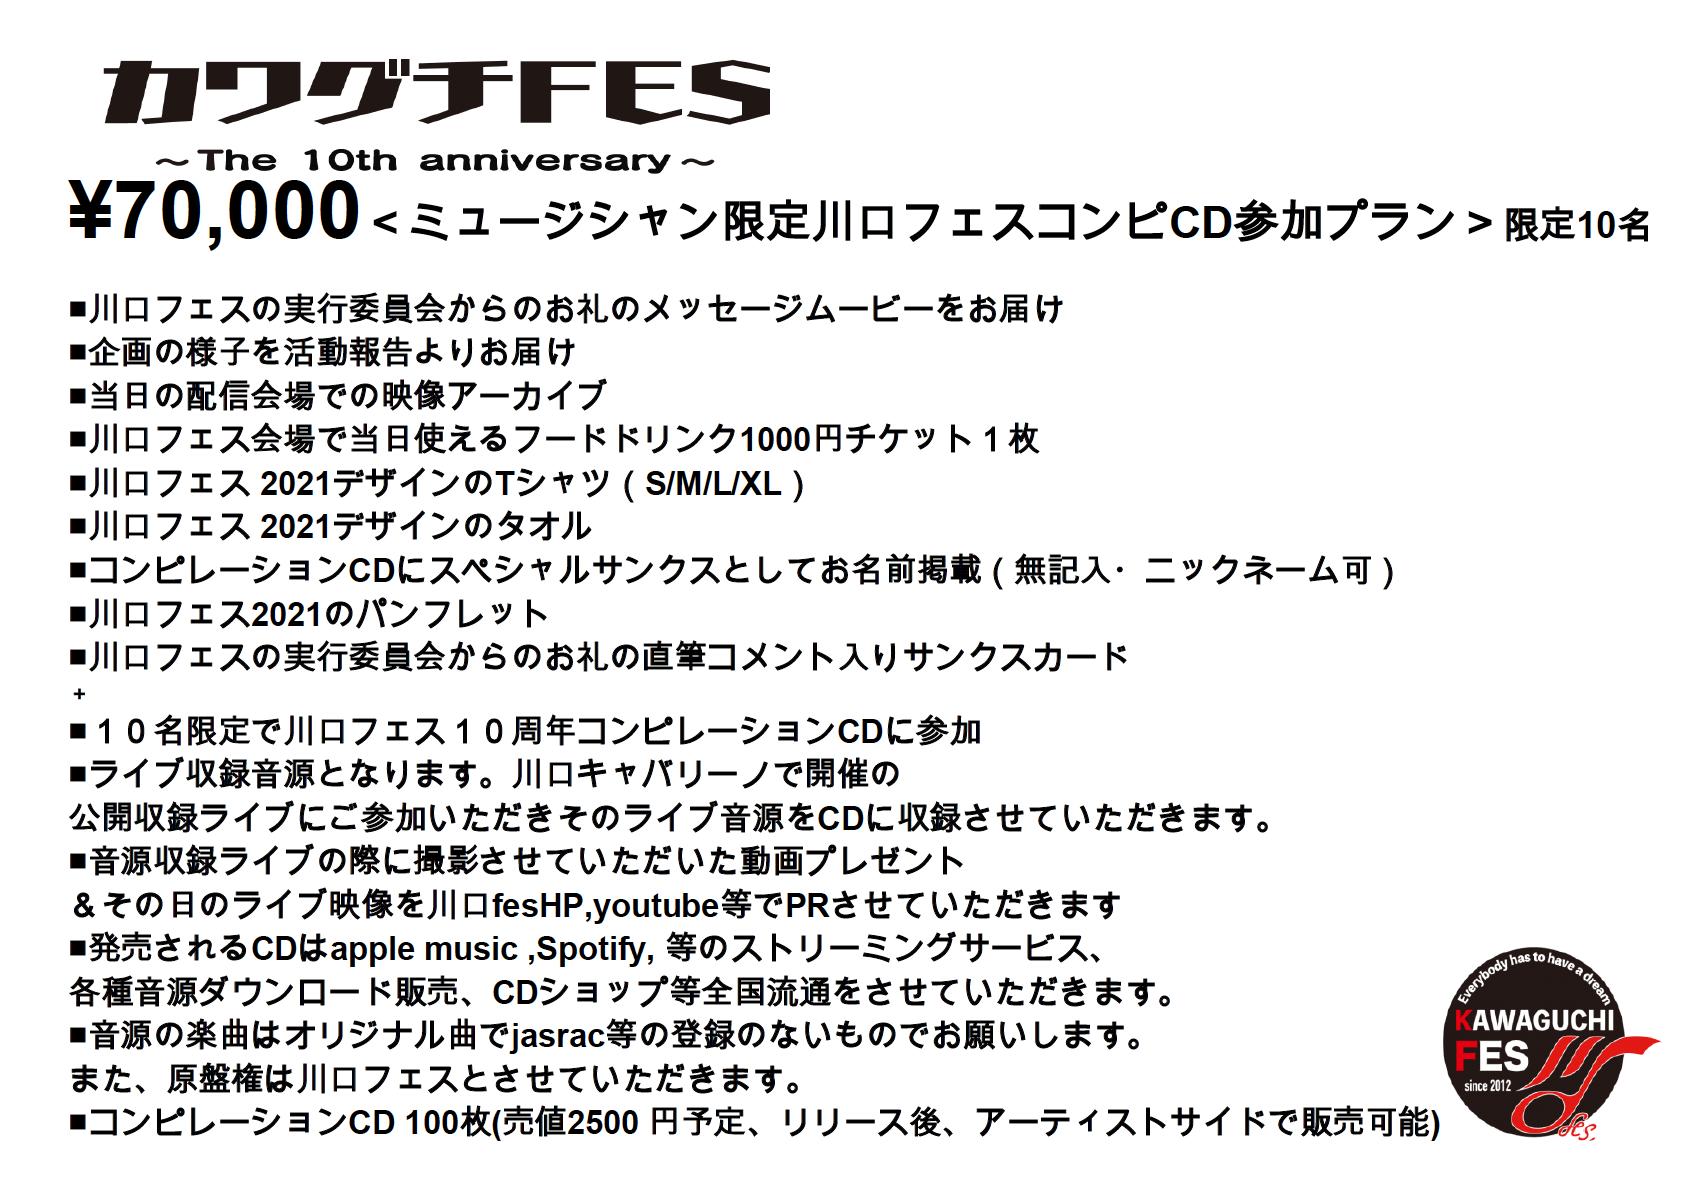 <ミュージシャン限定 川口フェスコンピCD参加 プラン> 限定10名